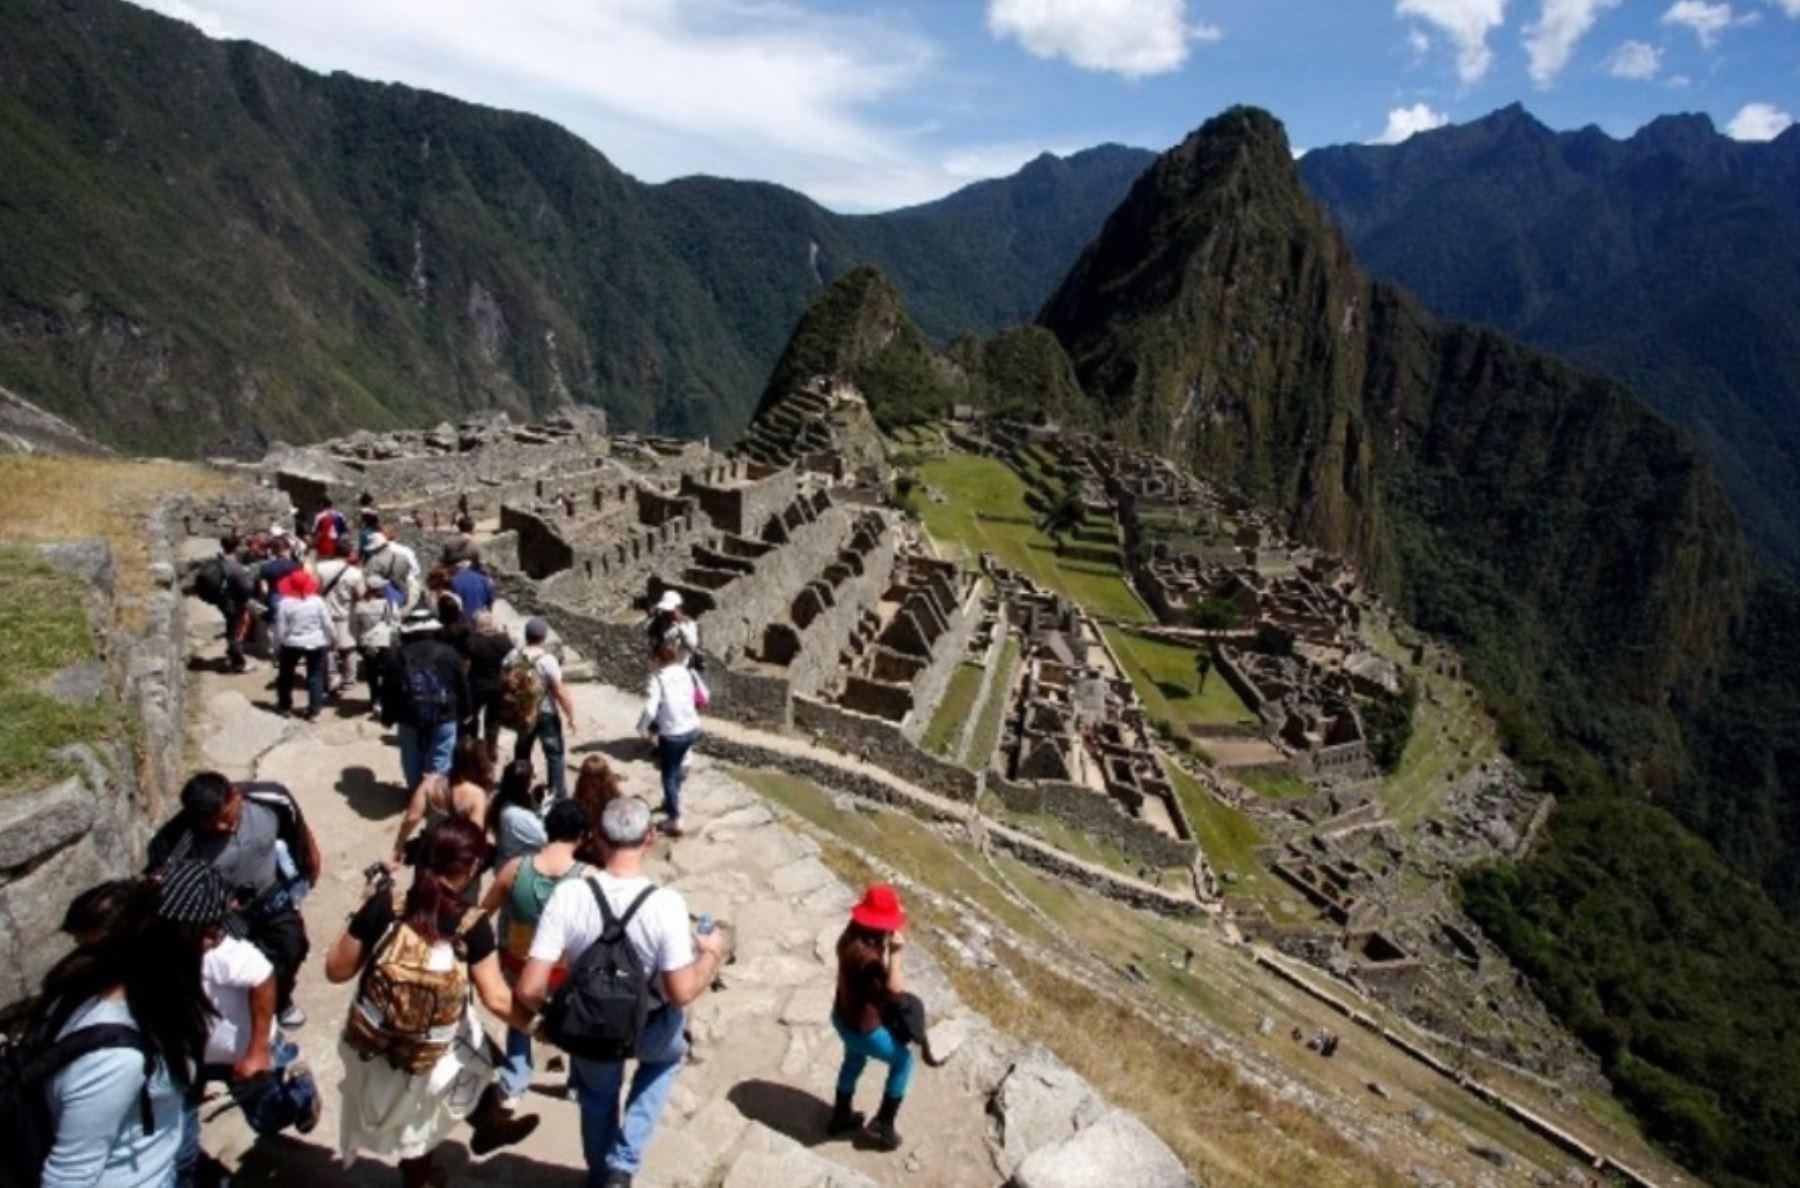 Los atractivos arqueológicos, entre ellos la ciudadela de Machu Picchu, y paisajísticos de la región del Cusco recibieron 3 millones 53,279 turistas nacionales y extranjeros durante el 2016, informó la Dirección Regional de Comercio Exterior y Turismo (Dircertur).